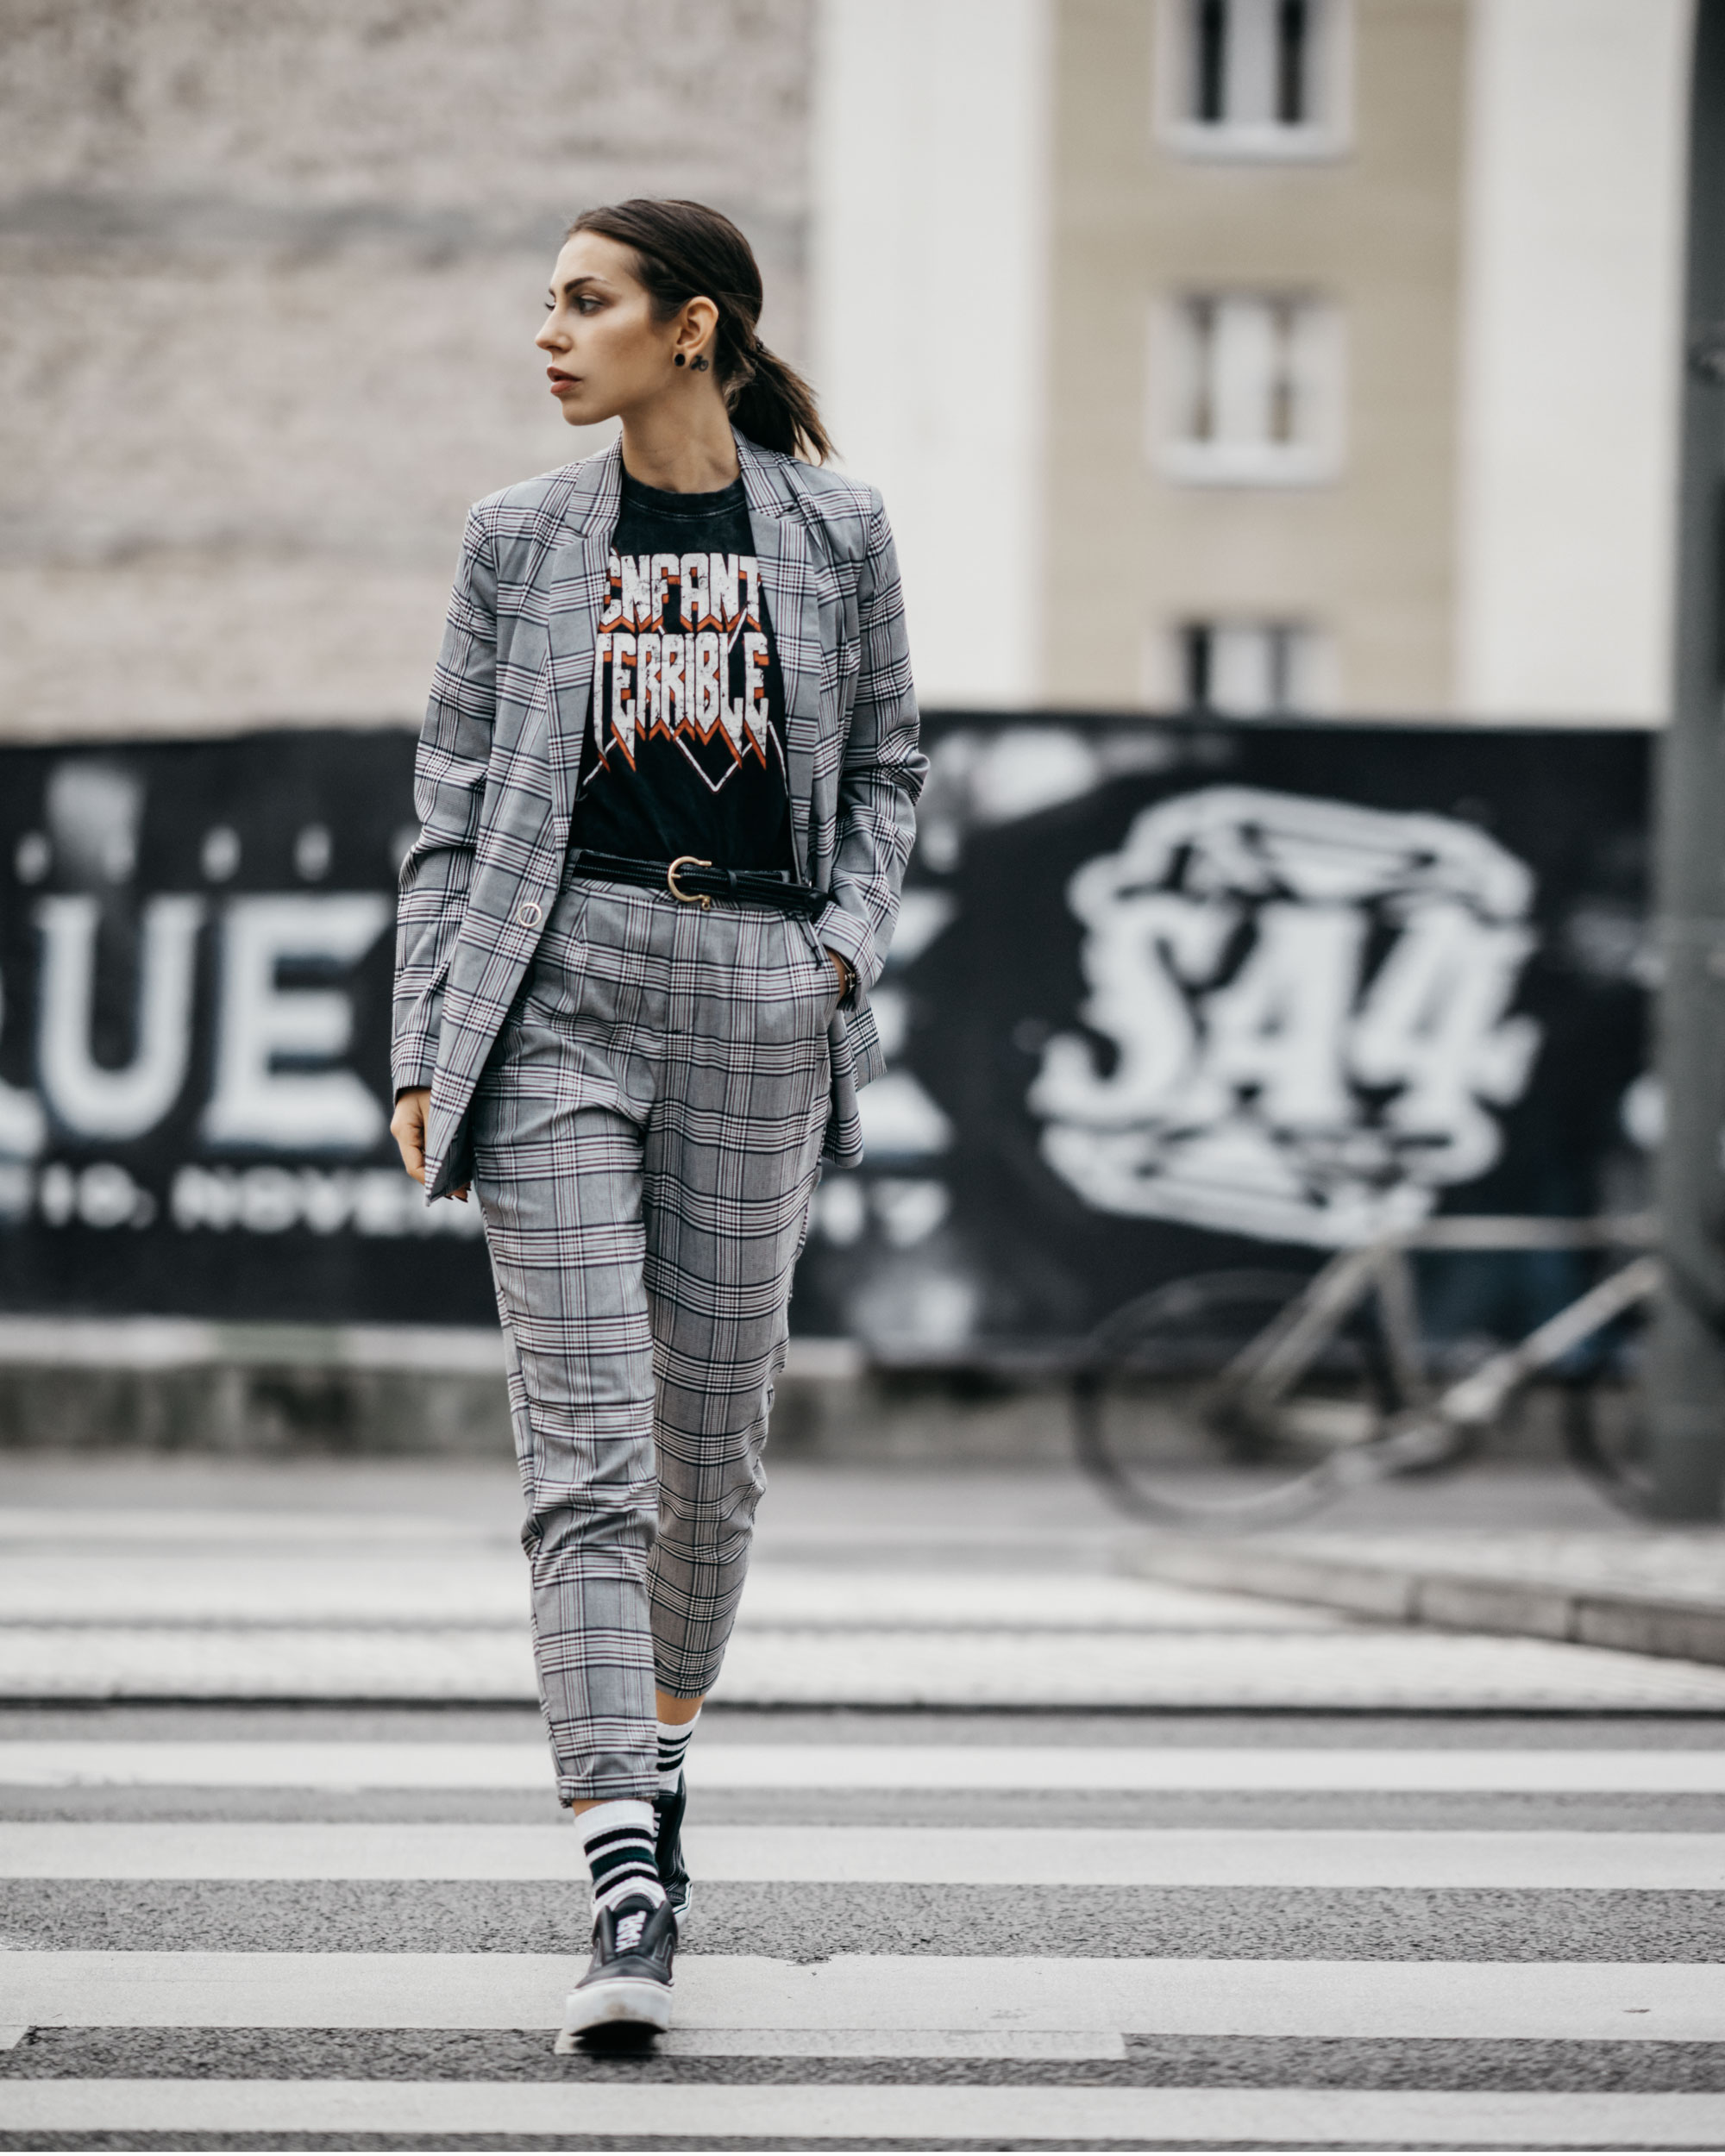 black friday sale fashion blog from germany modeblog aus deutschland berlin. Black Bedroom Furniture Sets. Home Design Ideas